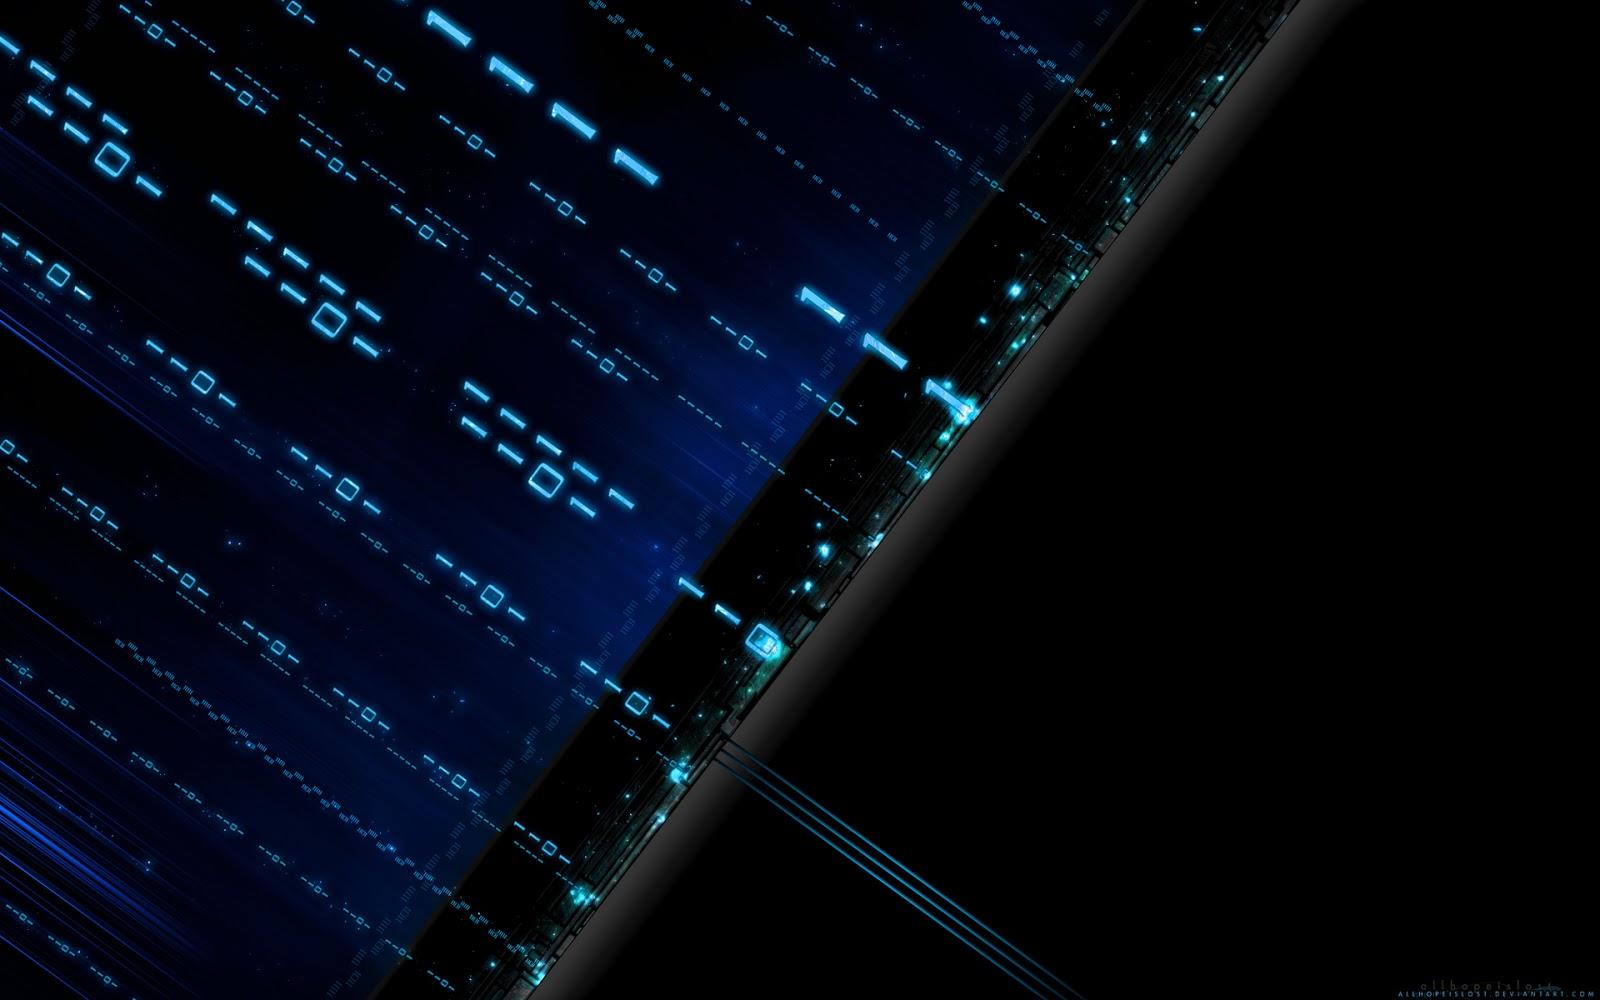 افضل الخلفيات لعشاق الالكترونيت والاتصالات والبرمجة بريمو هندسة